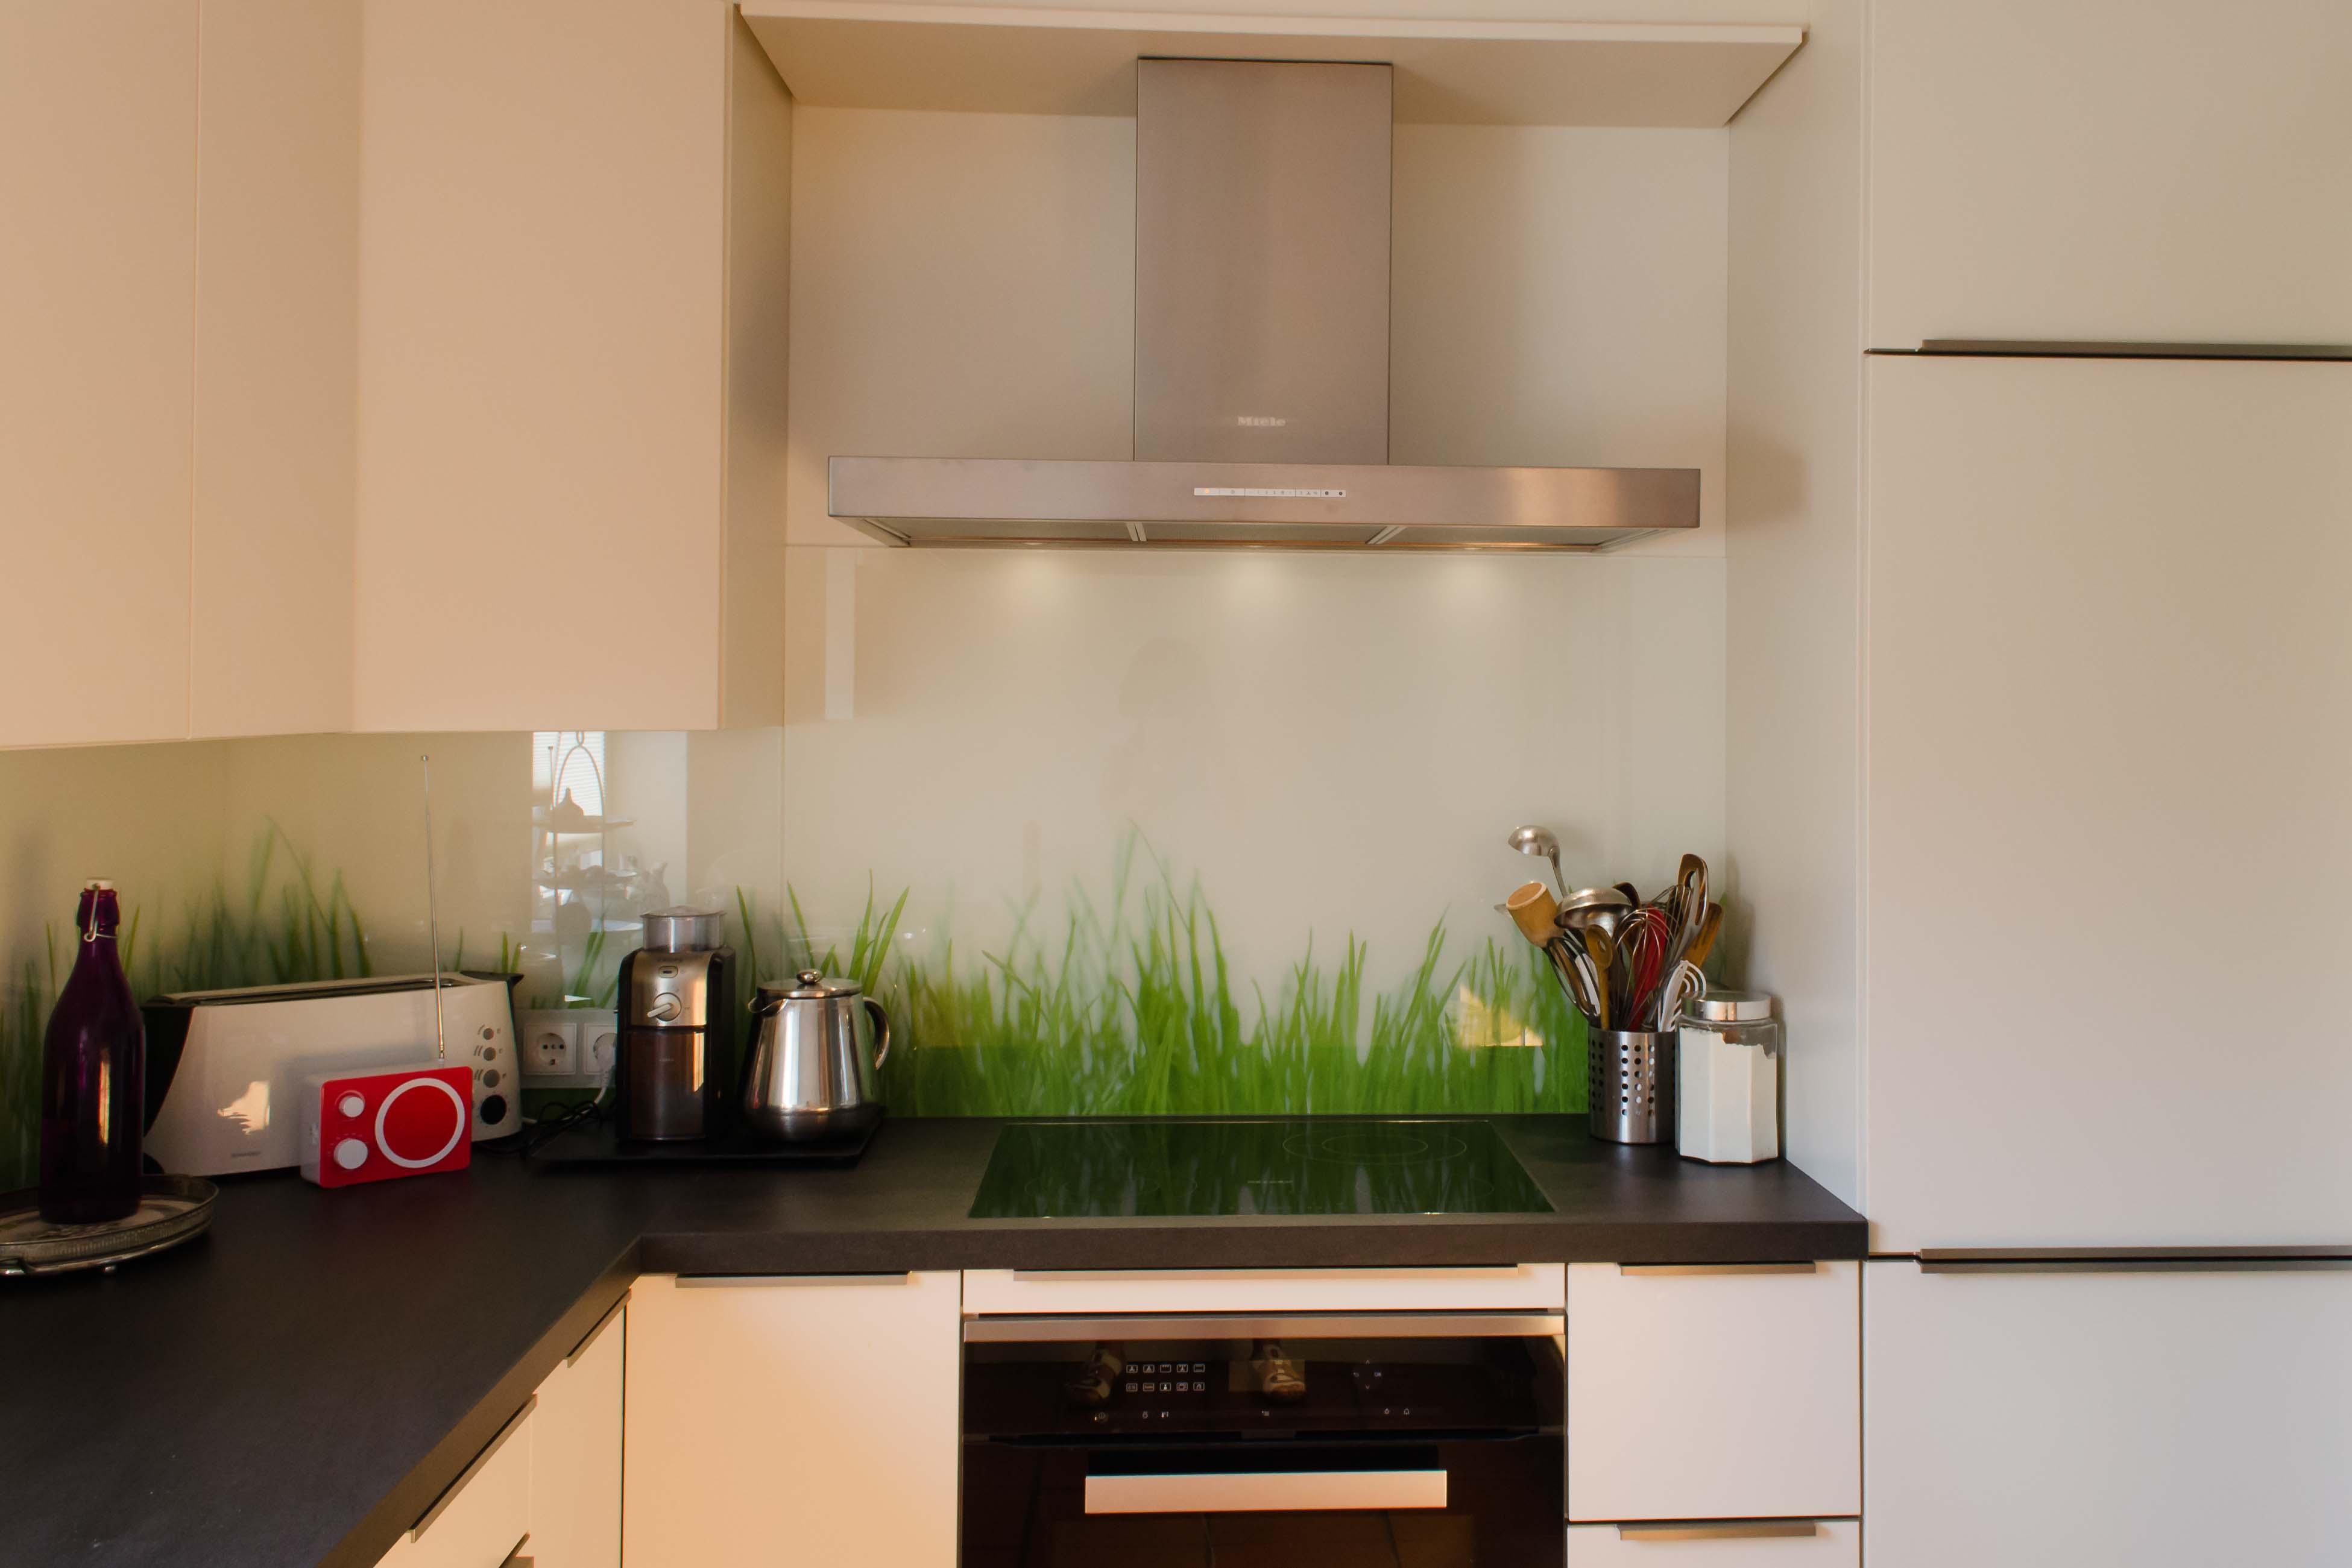 L Küche Mit Fronten In Weiß Matt Lackiert, Arbeitsplatte Keramik Basalto  Nera 40 Mm.